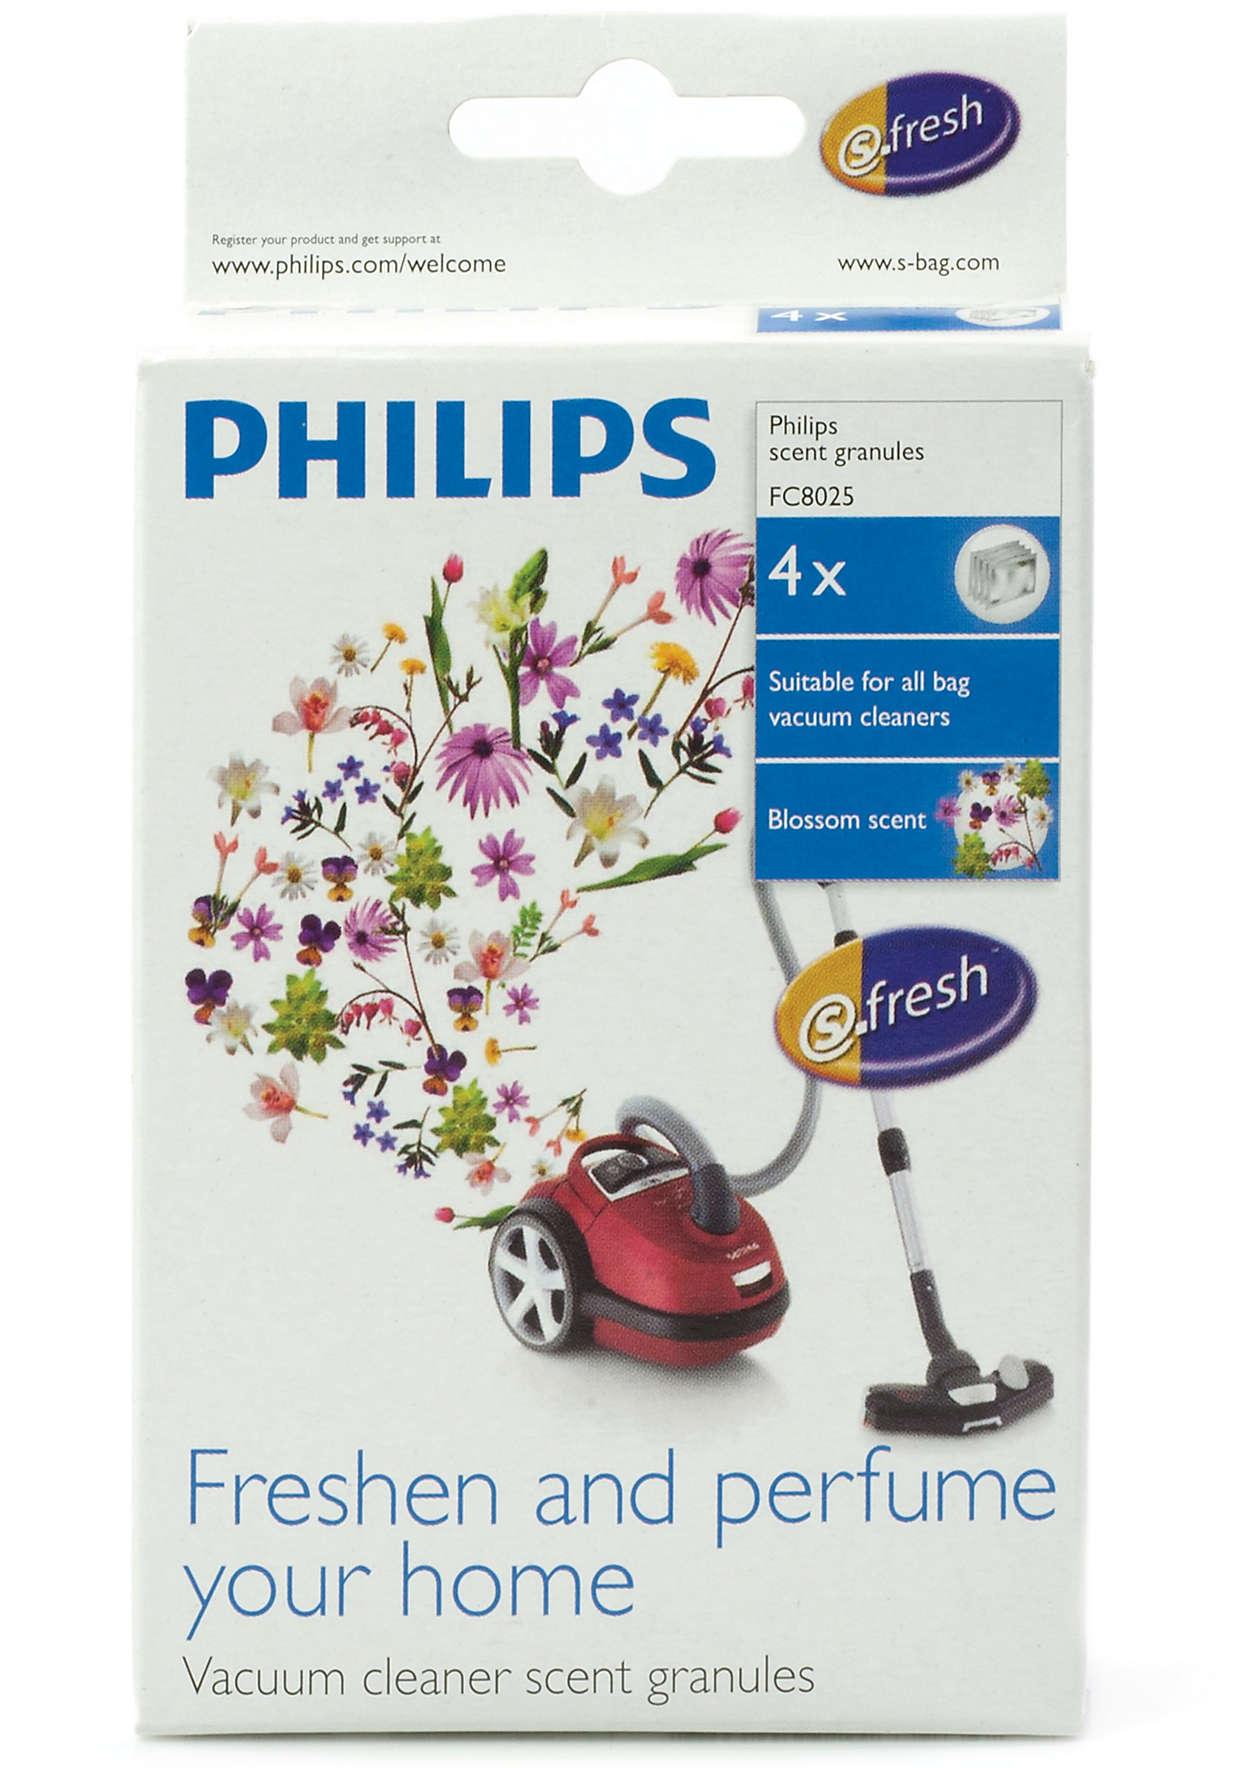 Osvieži a naplní vašu domácnosť príjemnou vôňou